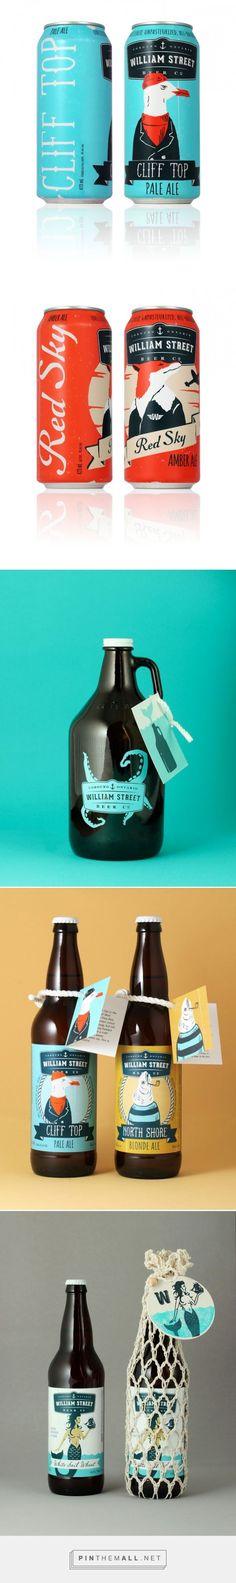 William Street Beer Co. packaging designed by Freshly Packaged